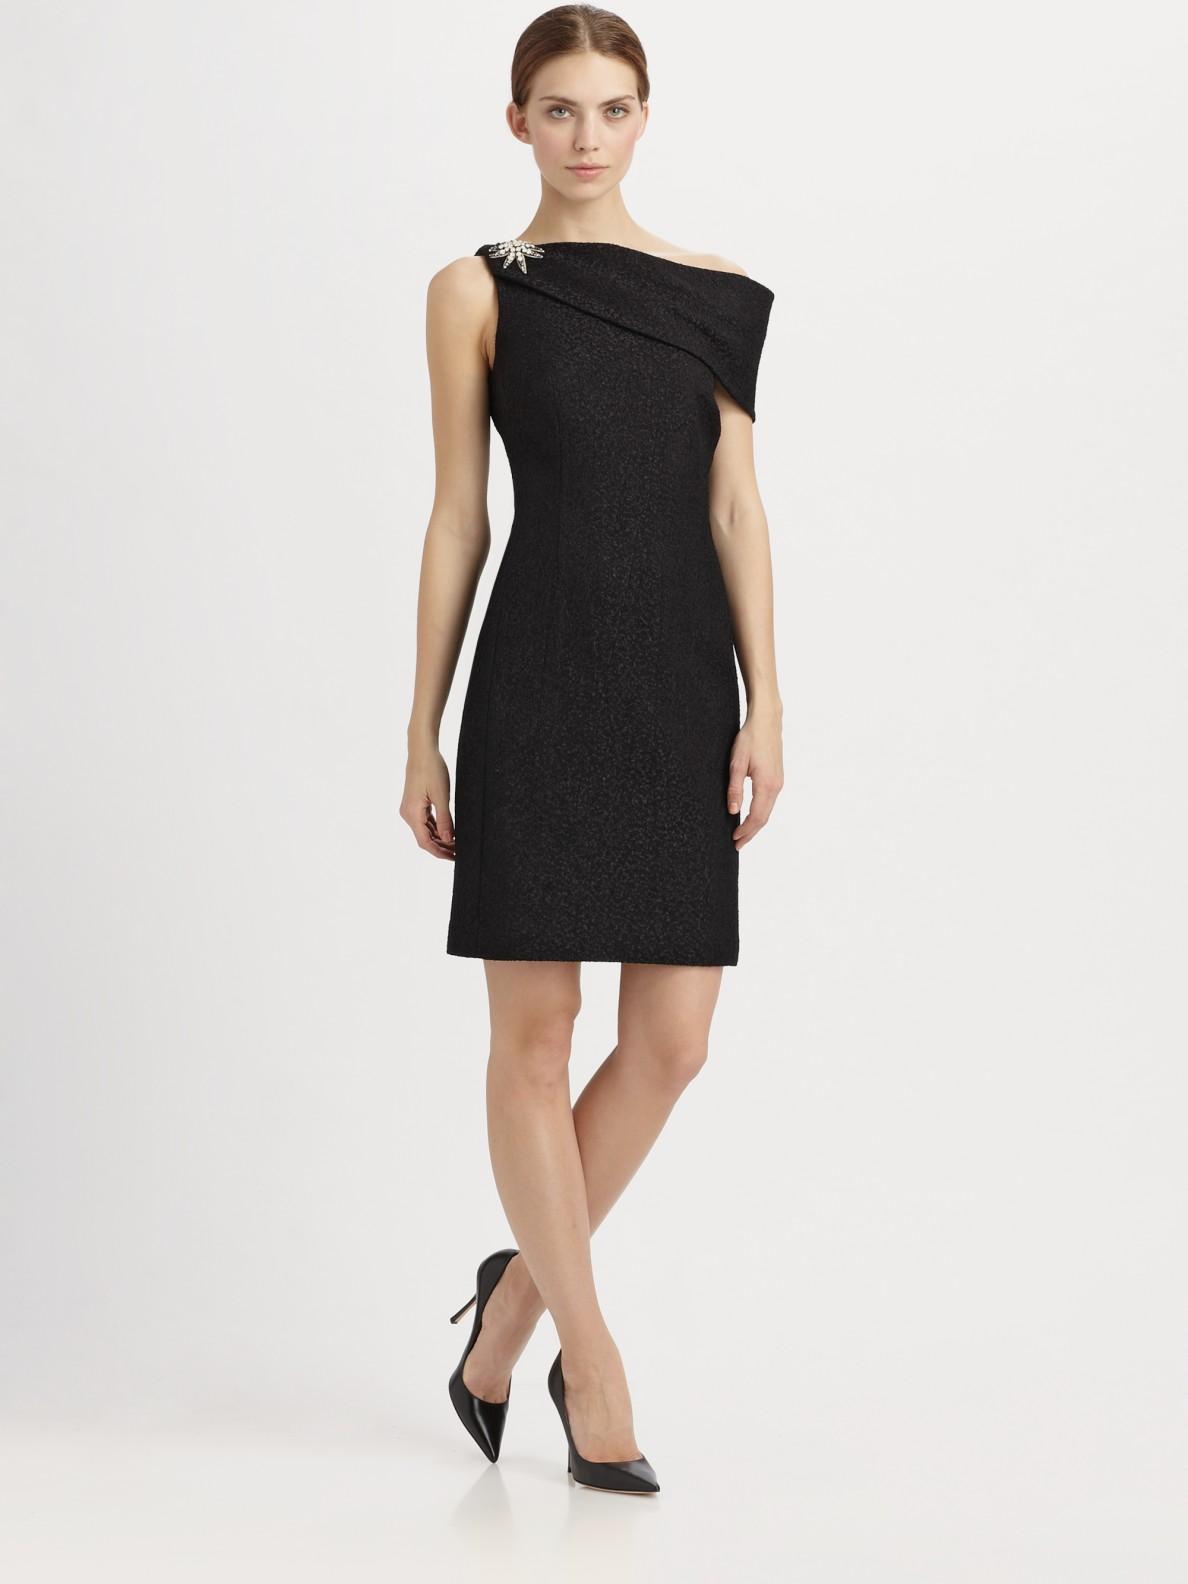 Kay unger black cocktail dress